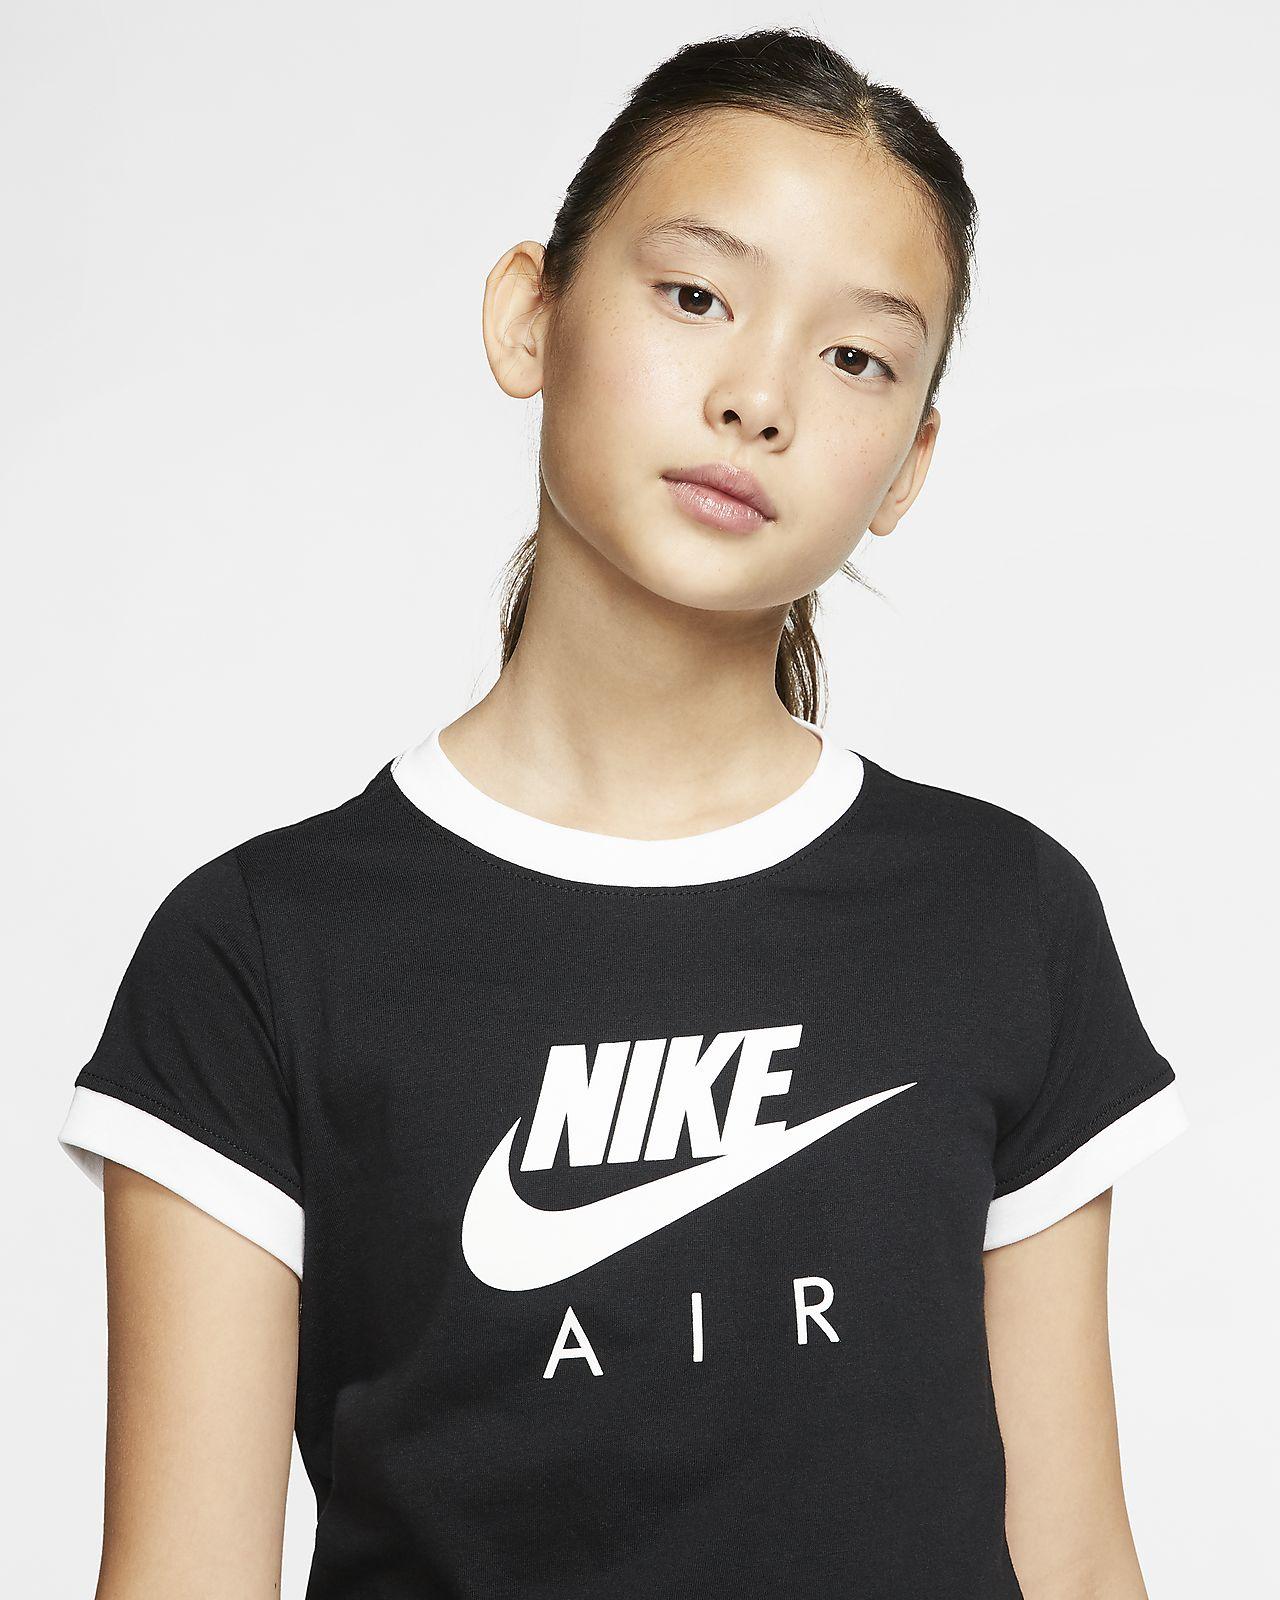 t shirt nike air garcon